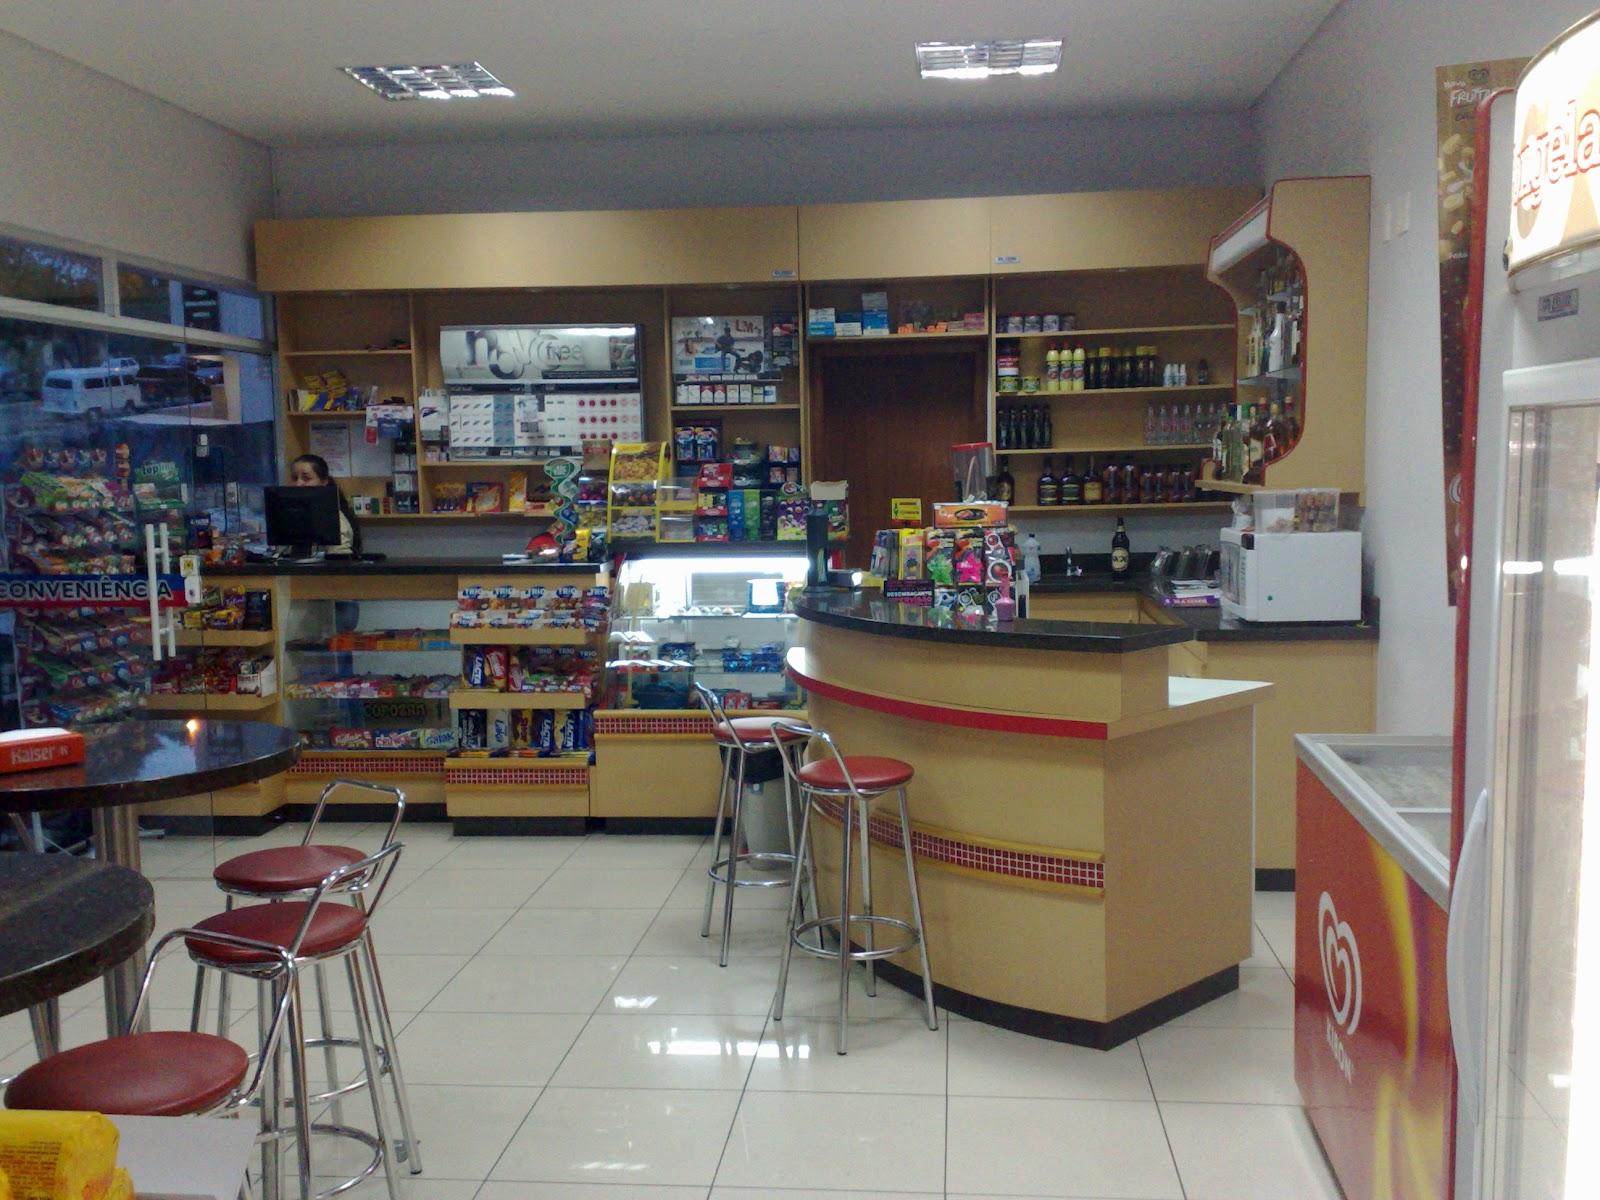 #6B4137 Cascaes Refrigeração: Lanchonetes 1600x1200 px Projetos De Cozinha De Lanchonete #289 imagens